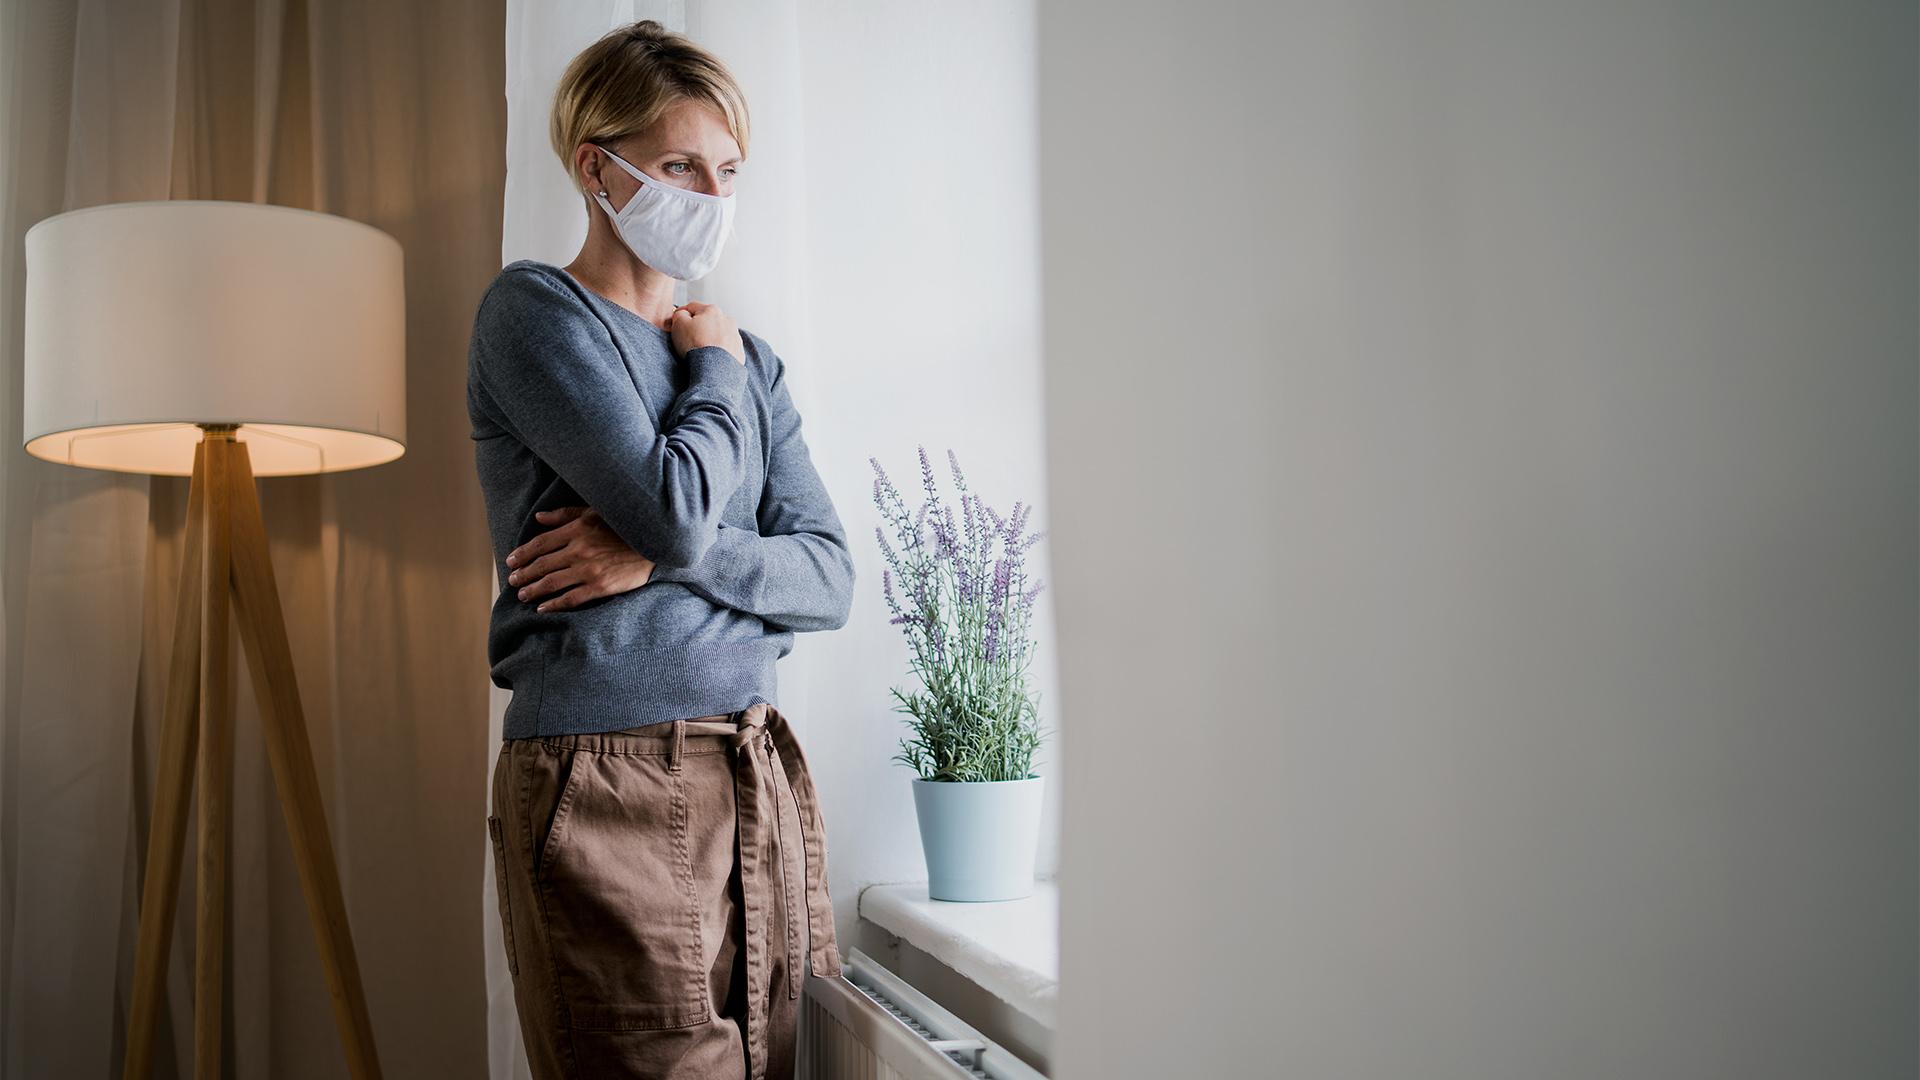 bakos zsuzsi életmódcoach érzelmi tartalék hangulati hullámvölgyek koronavírus világjárvány lélektöltő közösségi élmények önsegítő technikák pandémia pandémiás fáradtság